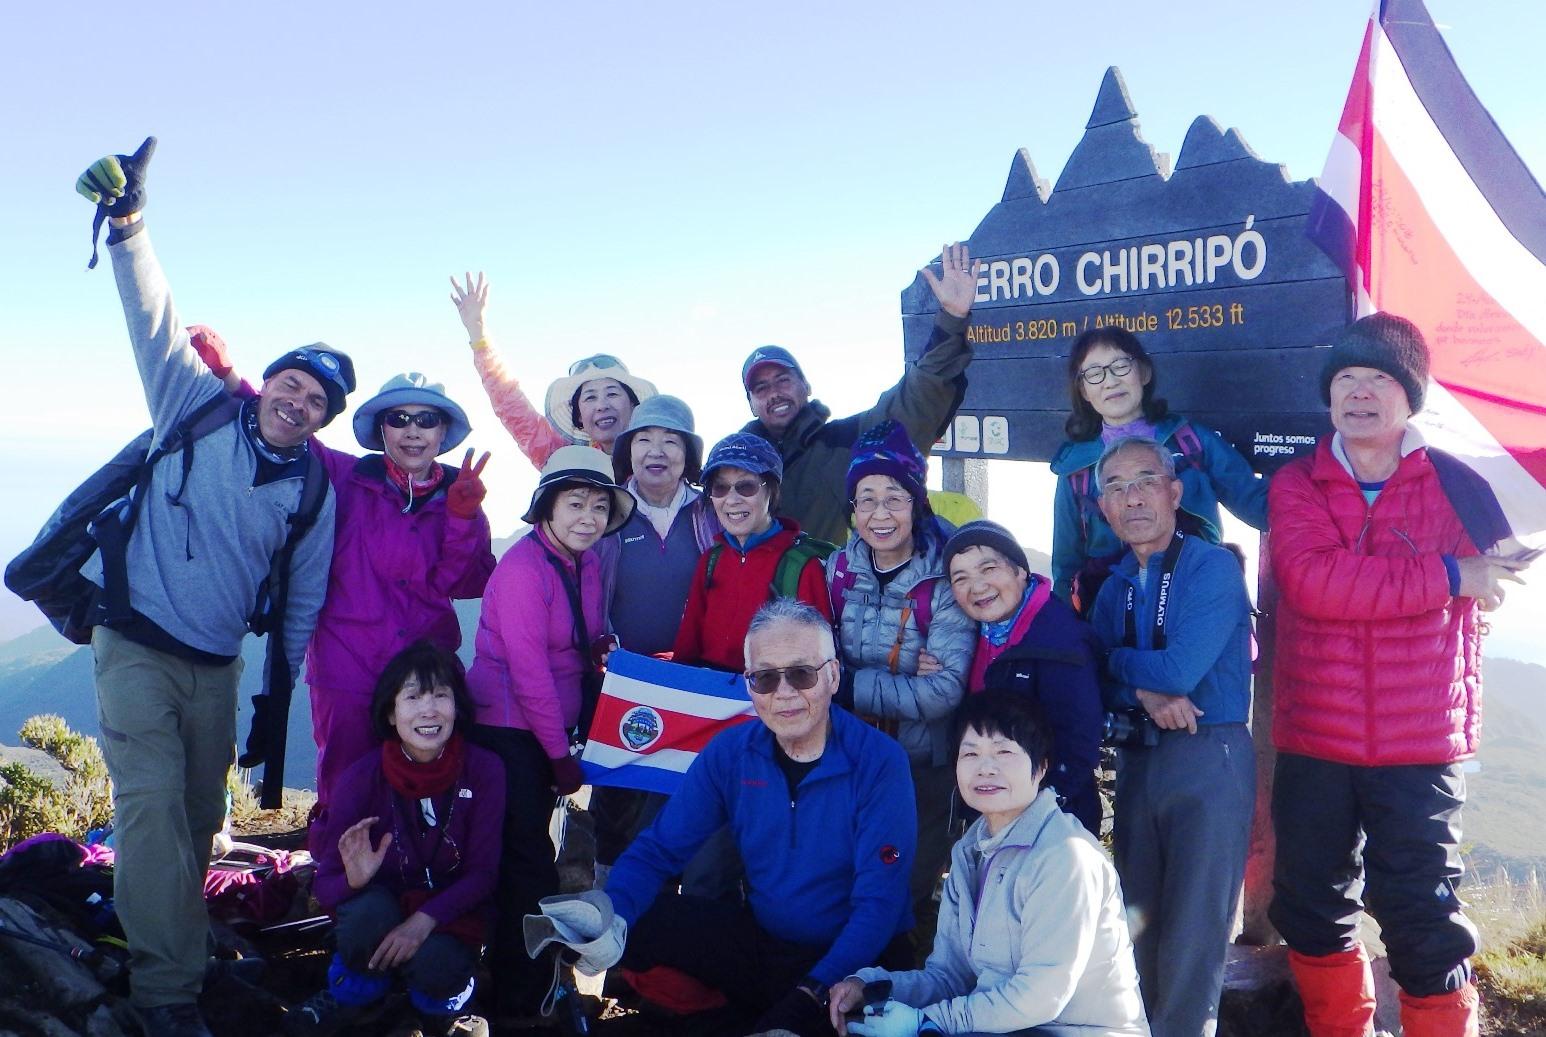 4月7日出発「コスタリカ最高峰チリポ山登頂と 幻の鳥ケツァールを求めて11日間」